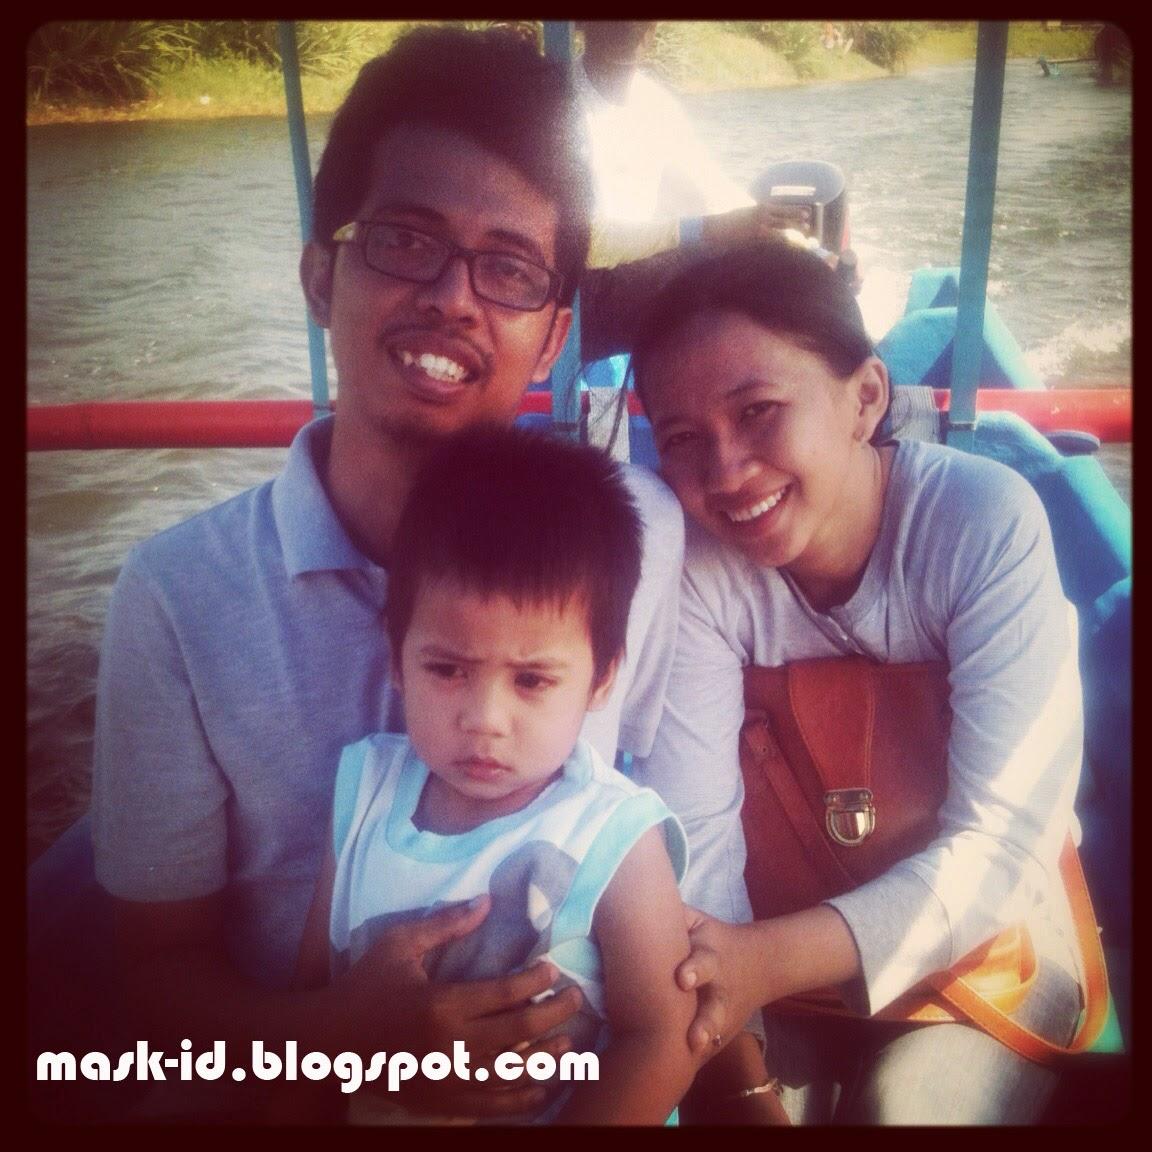 Naik Perahu di Pantai Glagah | Mas Kid Blog